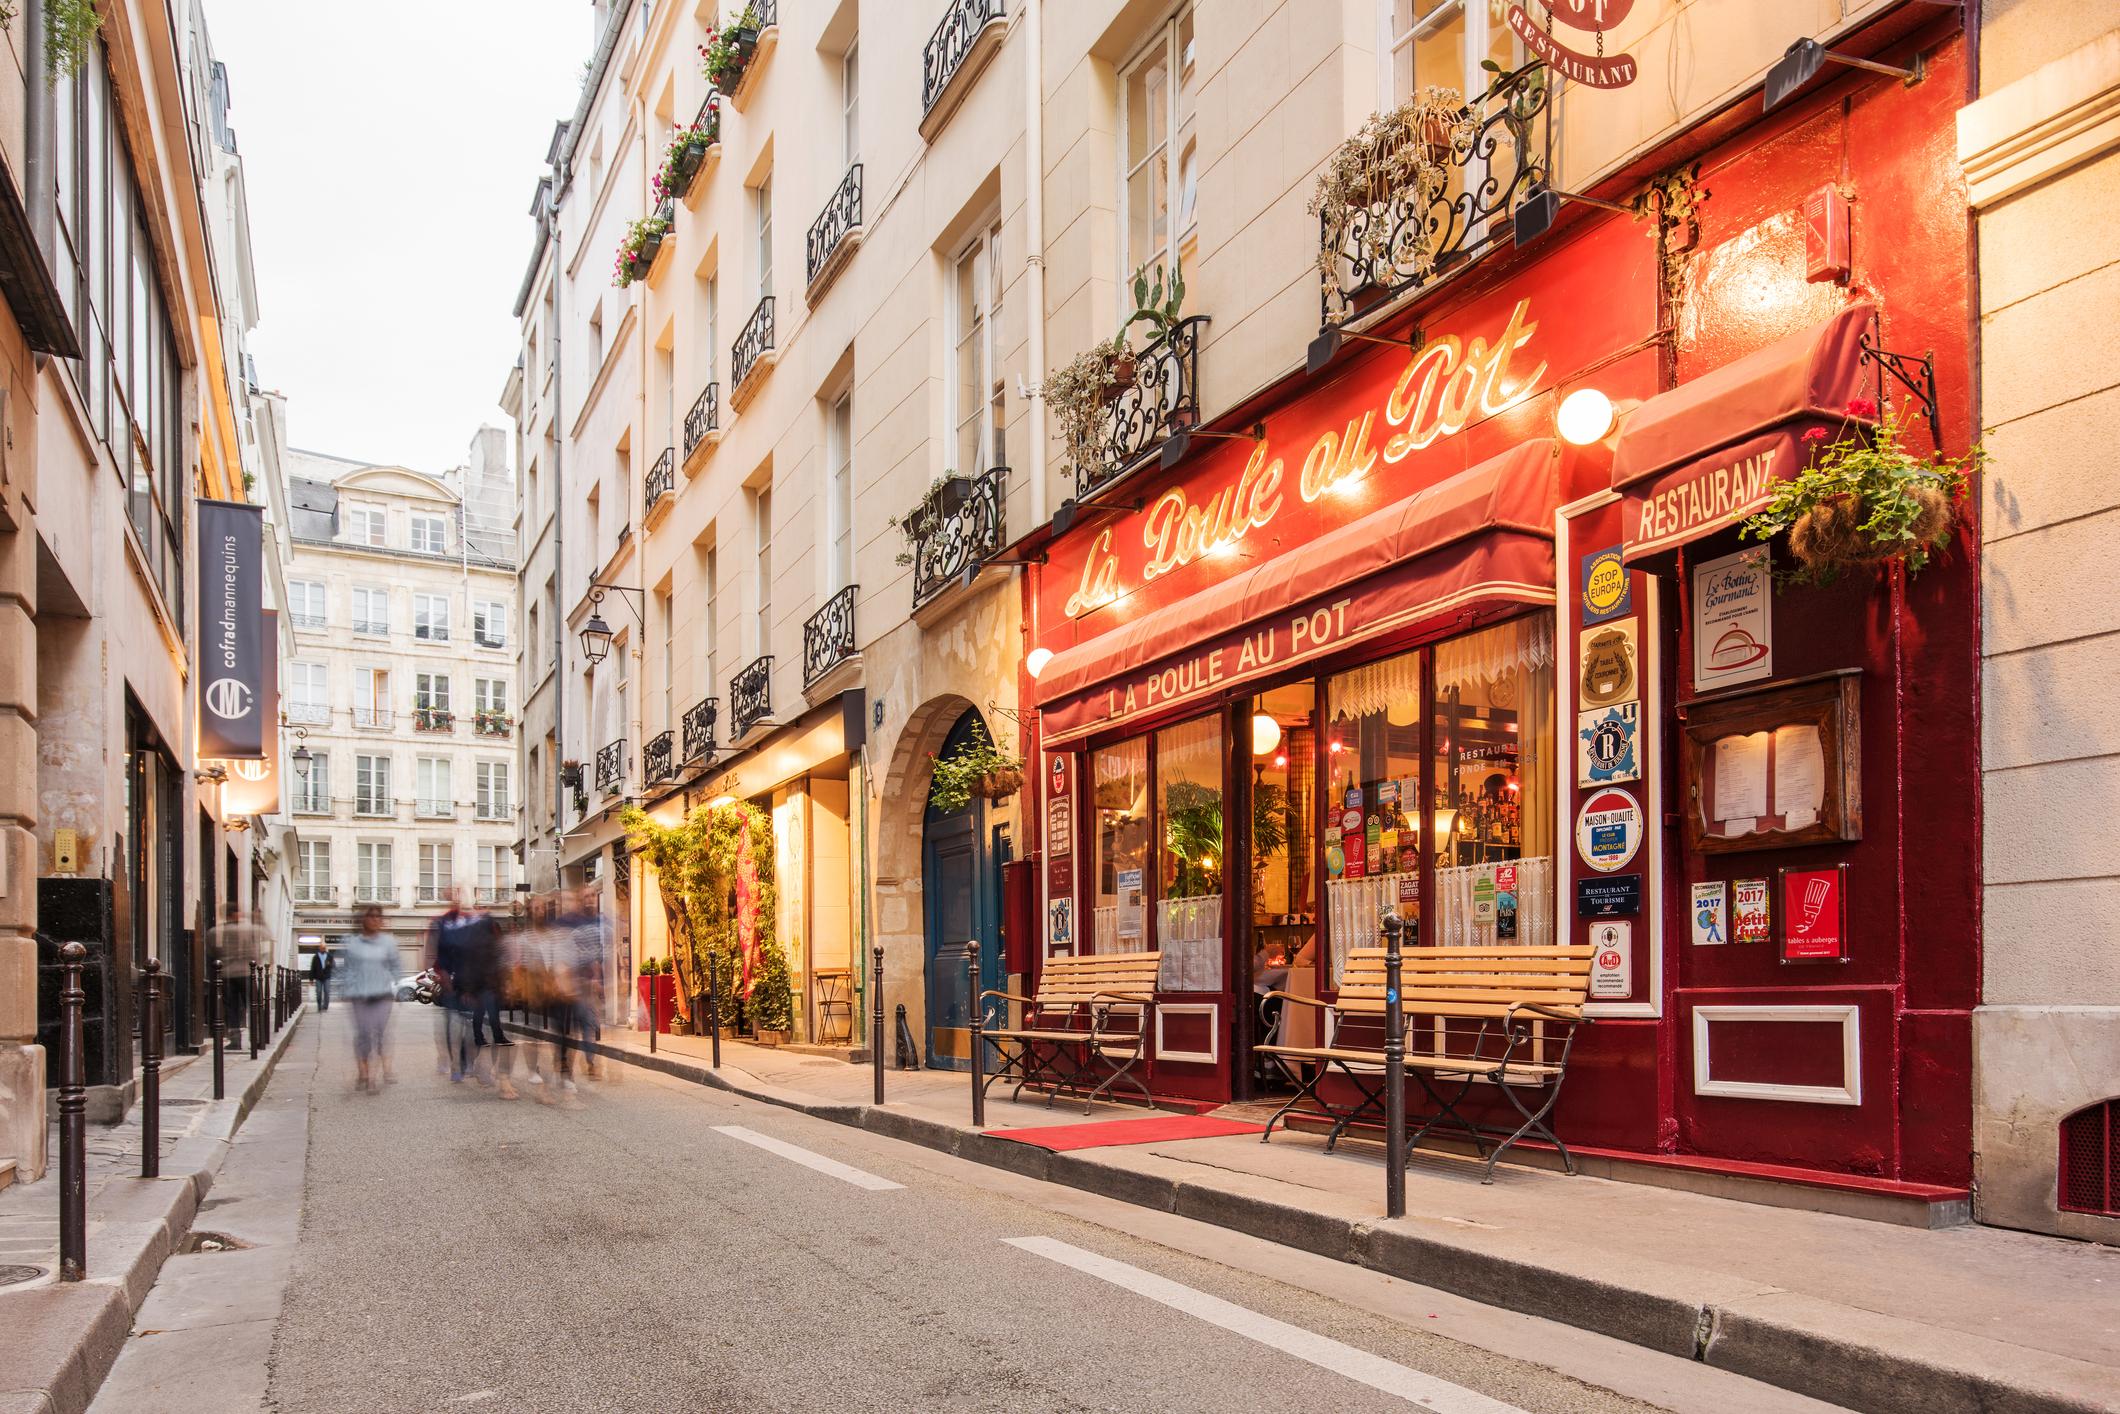 Quelles sont les étapes d'une étude de marché de restaurant en France